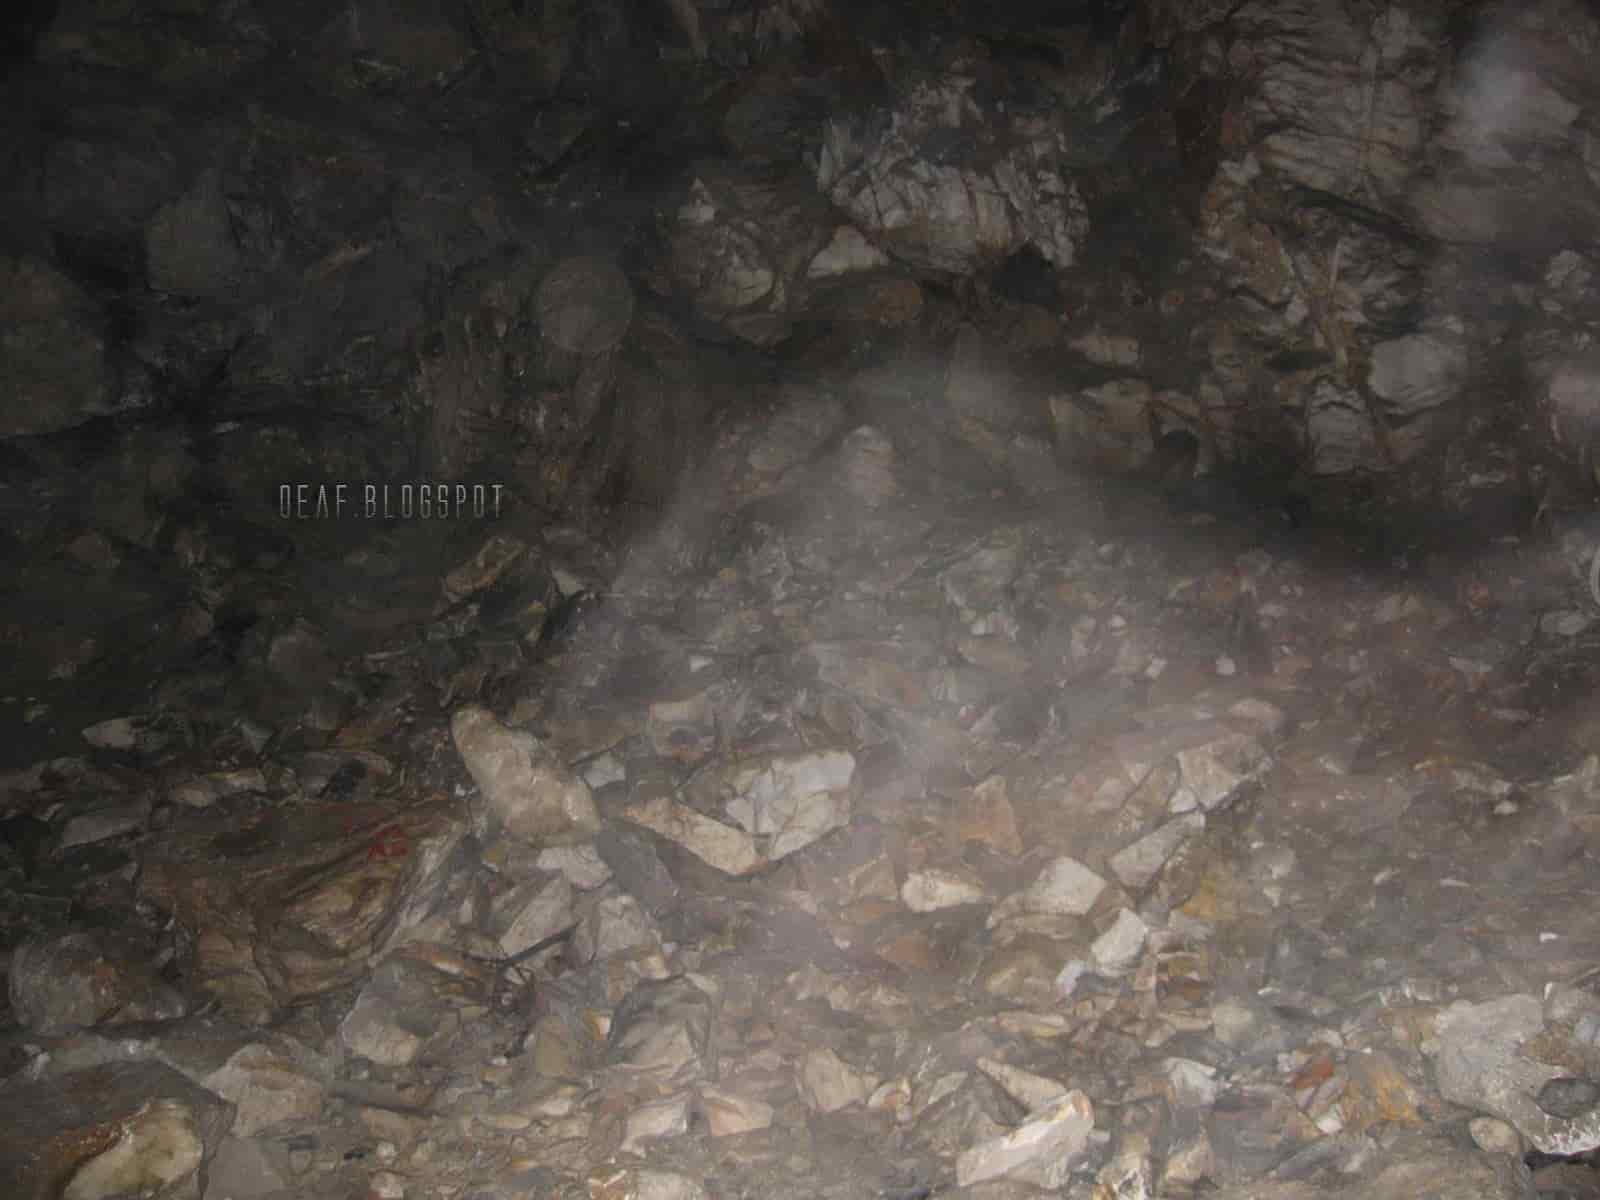 Τι Υπάρχει και Ζει Μέσα στο Σπήλαιο της Πεντέλης (εκπληκτικές φωτογραφίες και video) - Εικόνα42